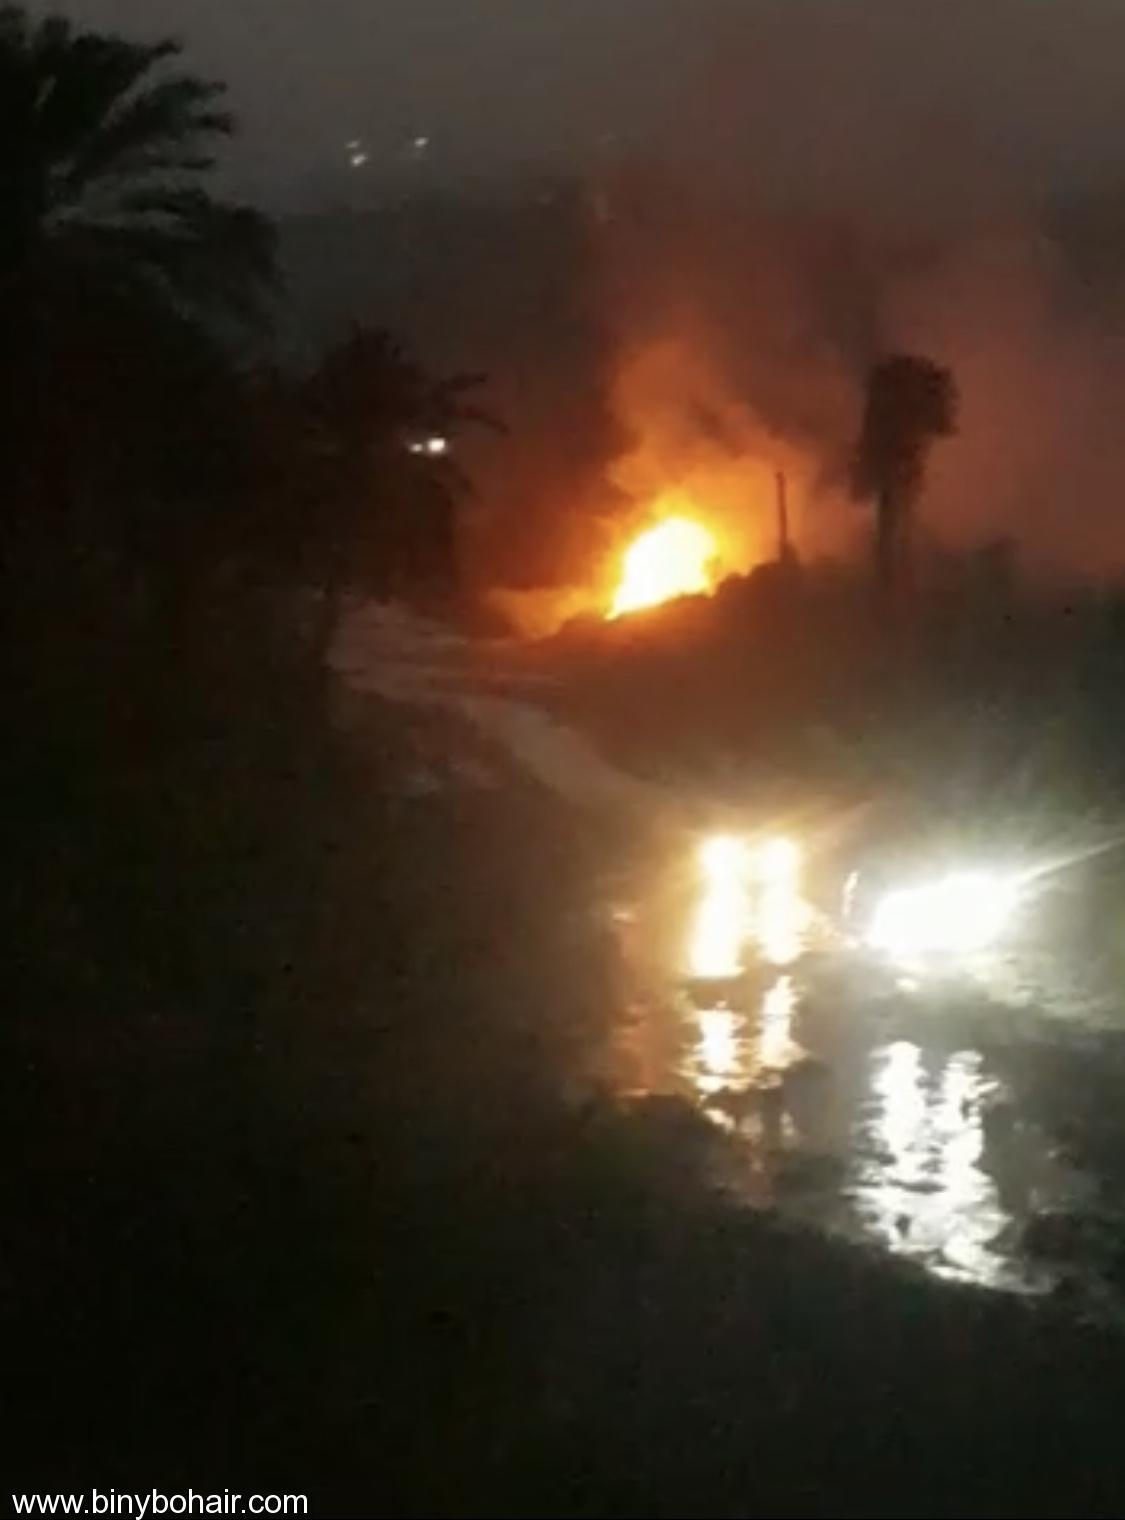 حريق وادي قنونا الآن والدفاع p7z96489.jpeg